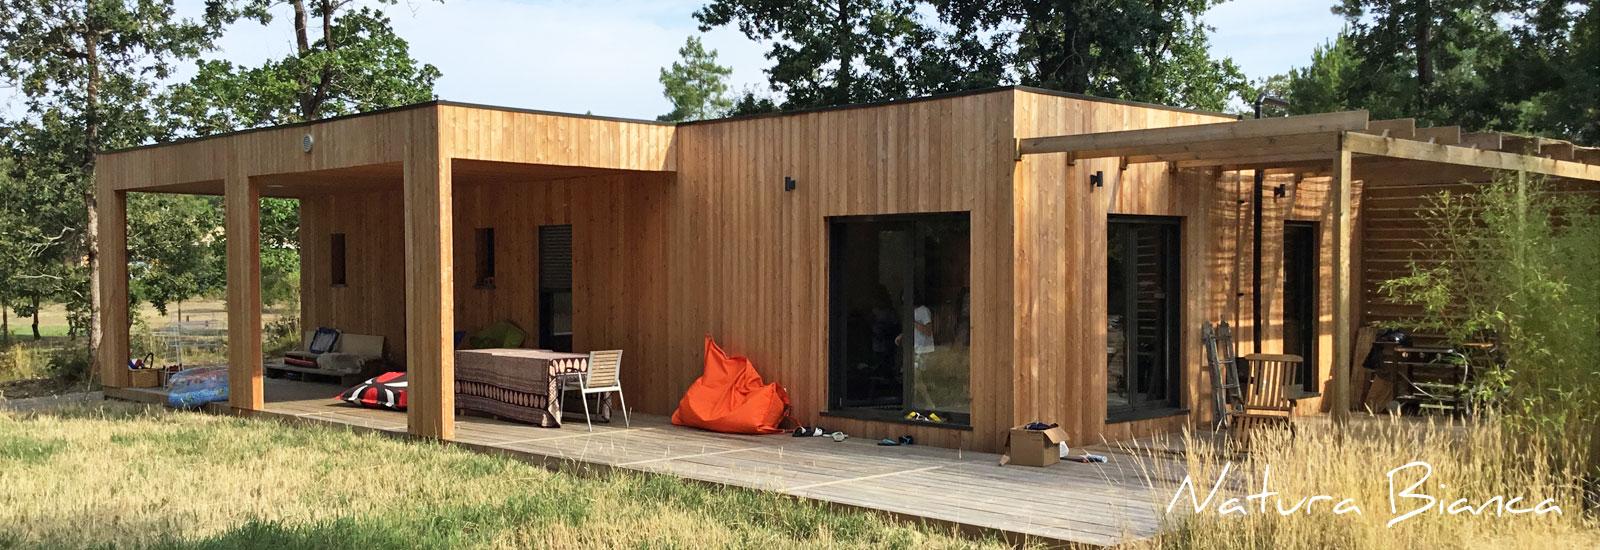 casas-modulares-1600×650102